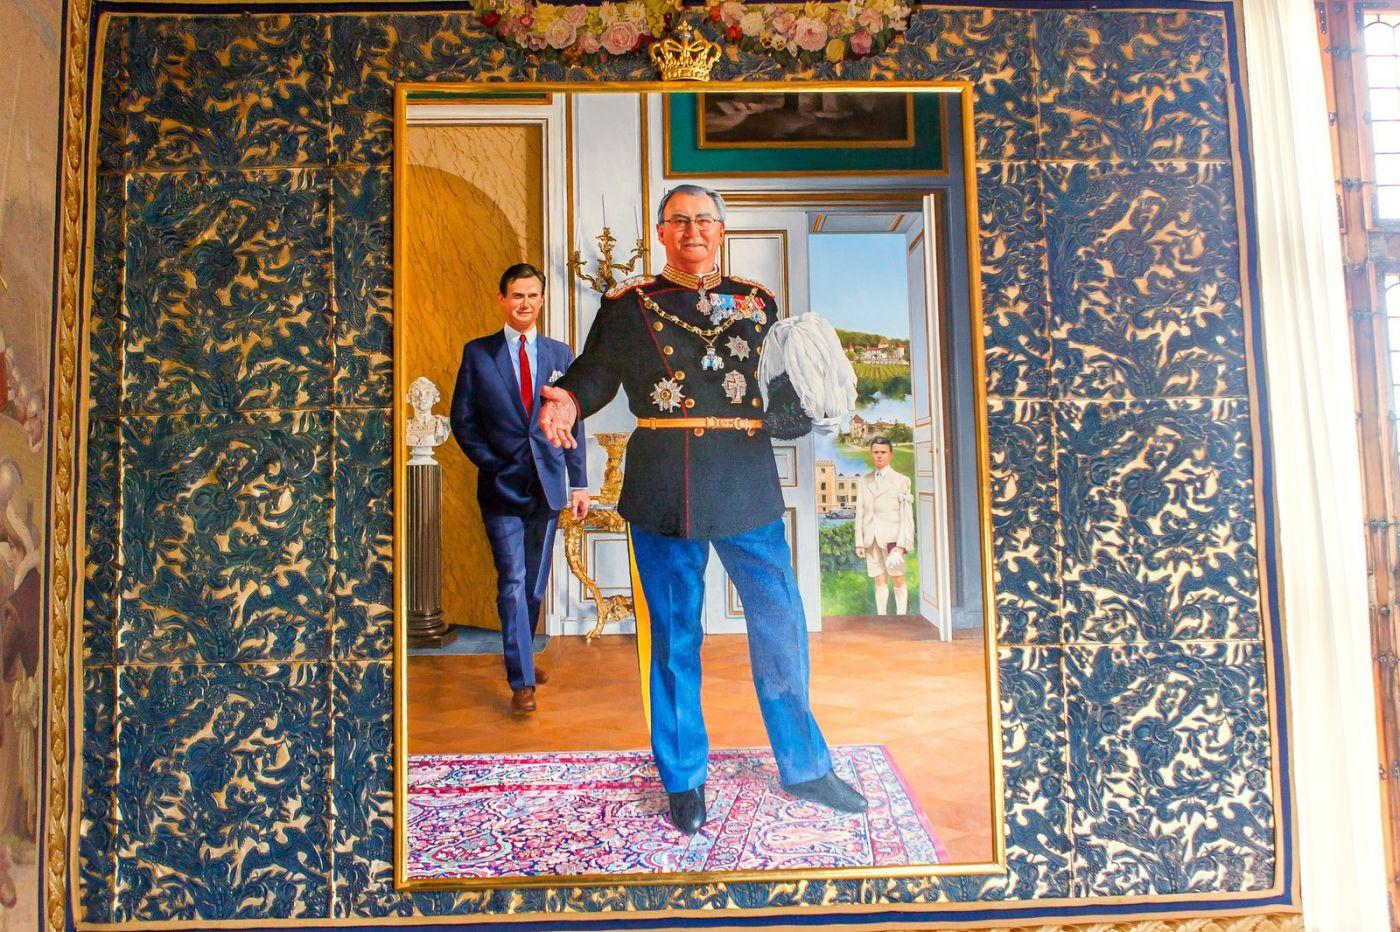 丹麦腓特烈堡城堡,油画里的故事_图1-3